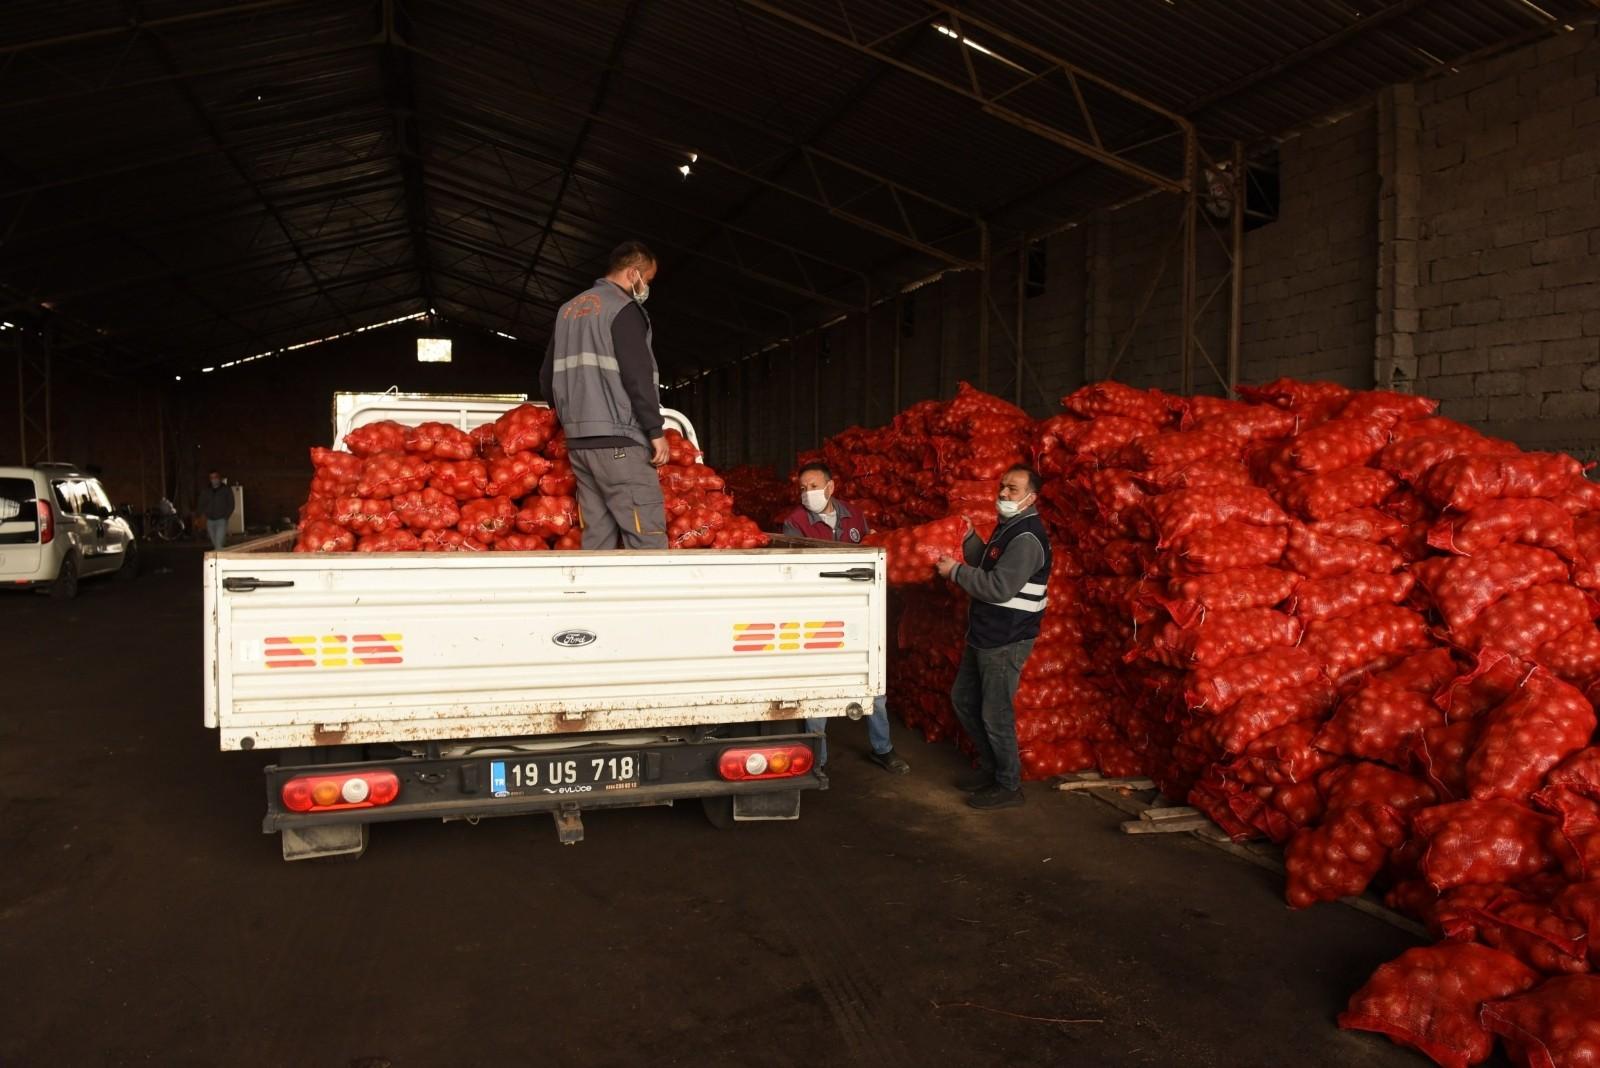 İhtiyaç sahibi ailelere dağıtım başladı, Çorum Belediyesi'nden patates ve soğan dağıtımına destek